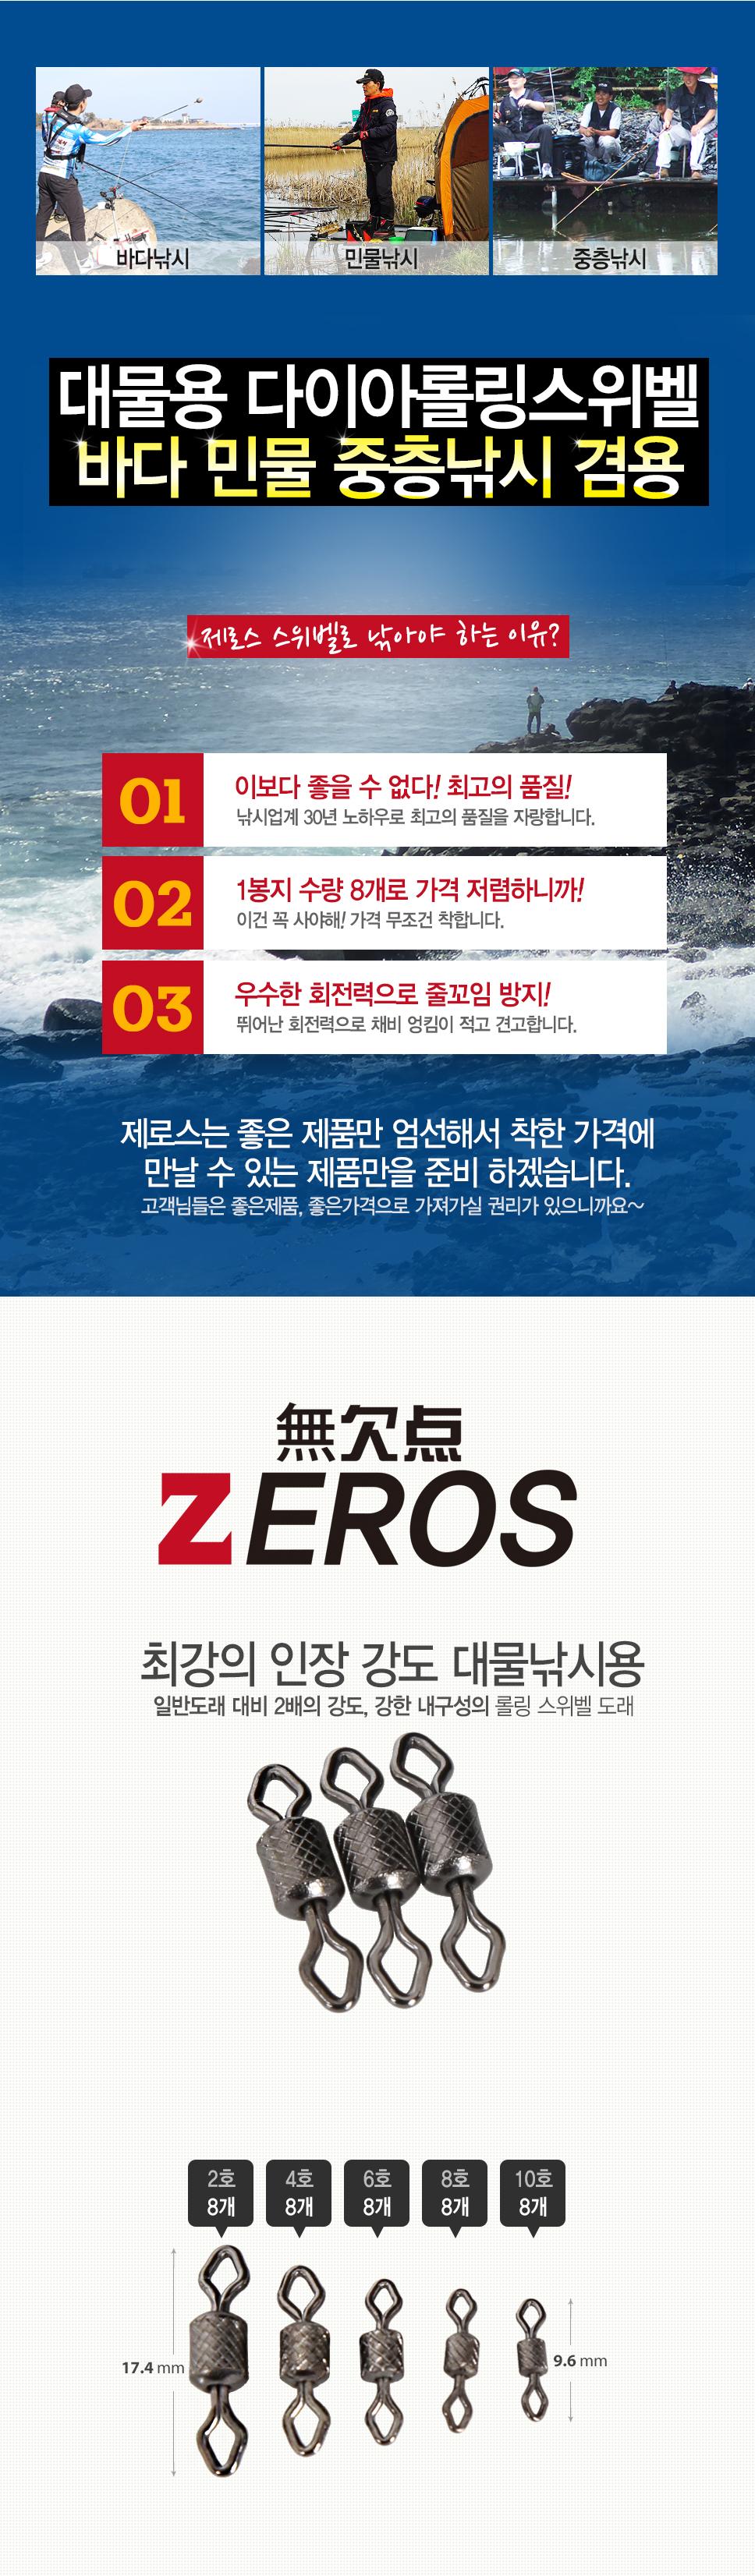 제로스 다이아 롤링스위벨 ZE-H2004 롤링맨도래 다이아도래 특수도래 바다소품